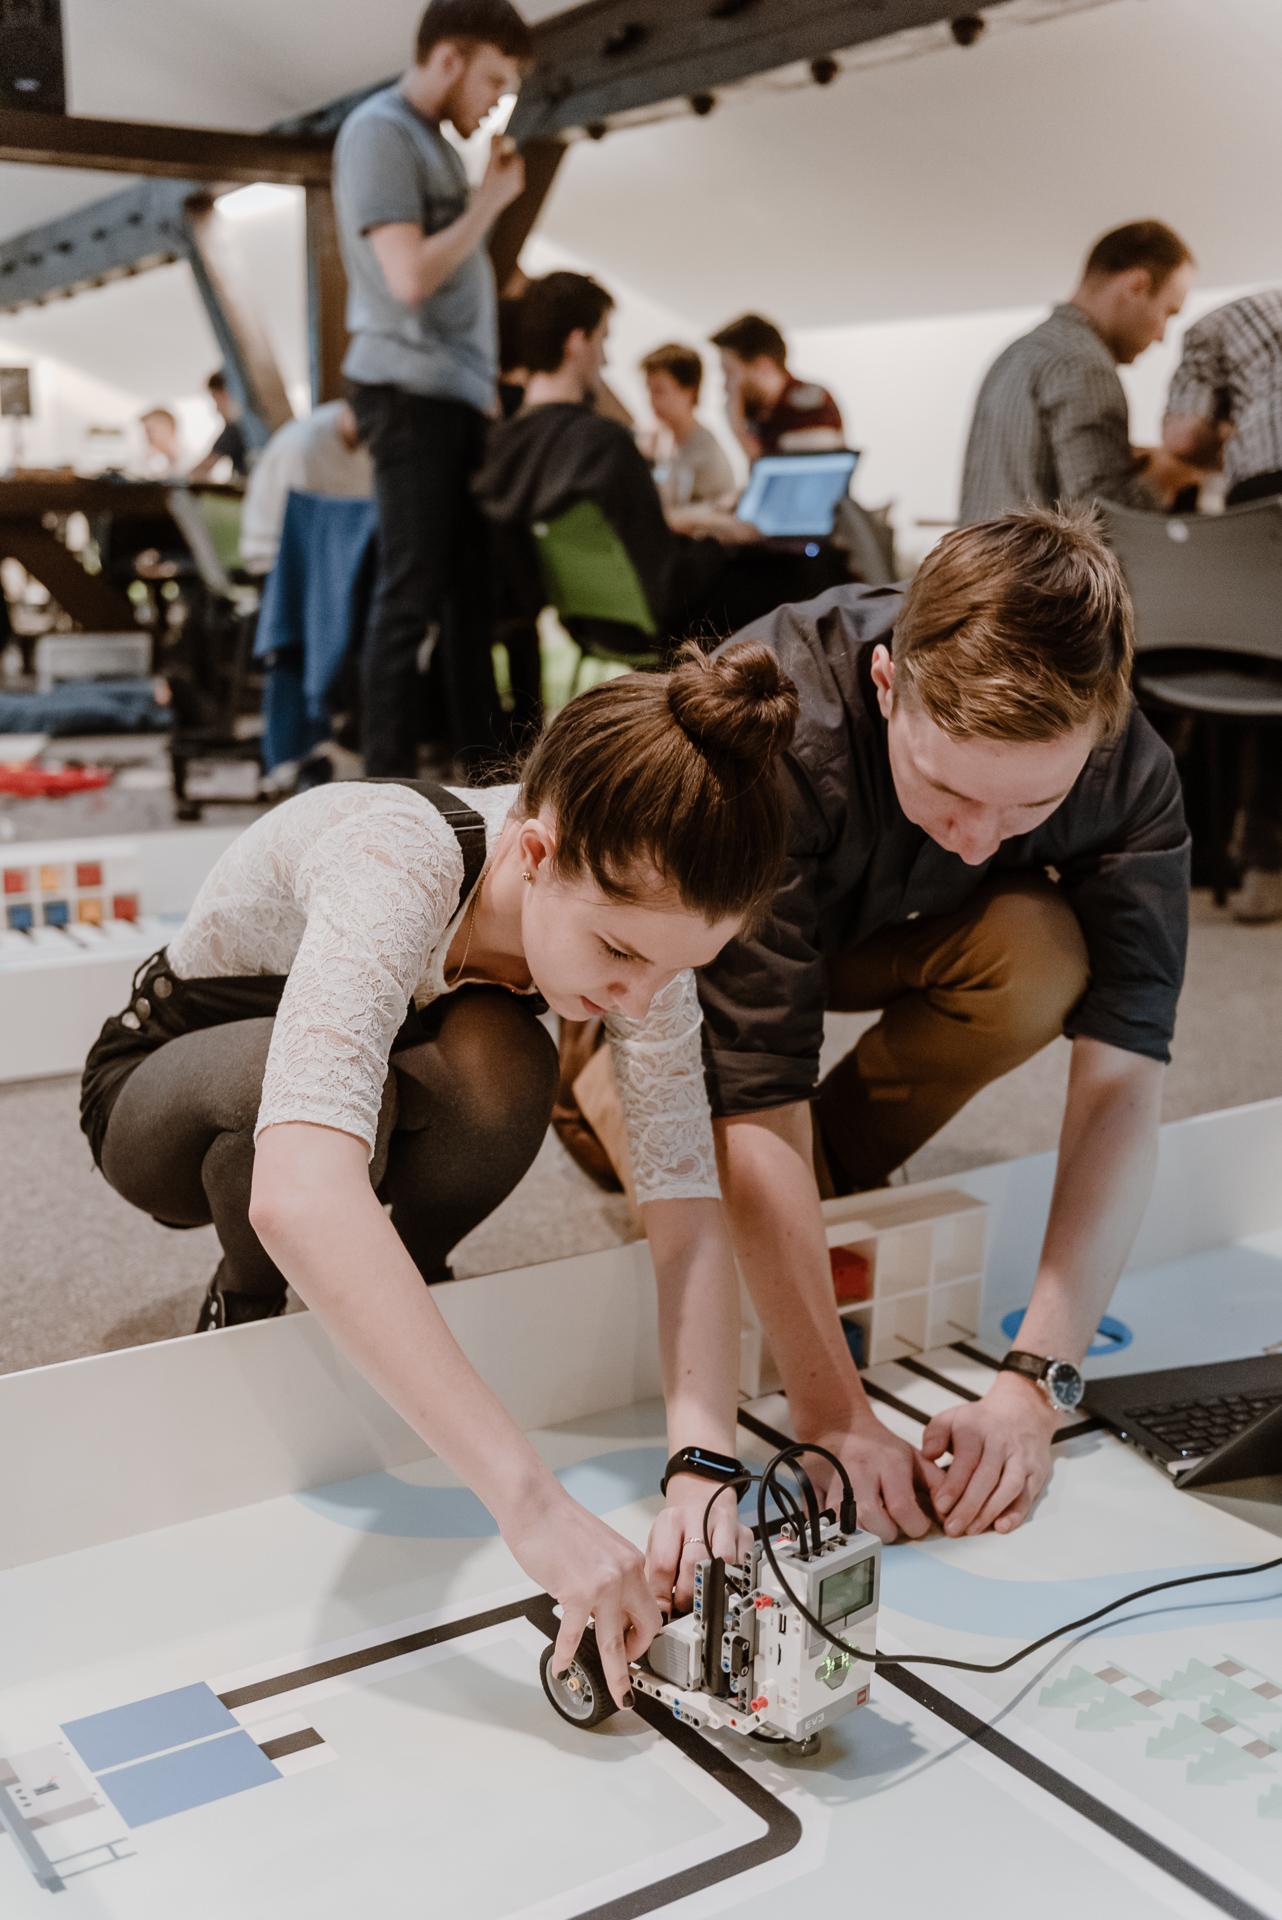 Soutěžící během časového limitu intenzivně spolupracují a hledají inovativní řešení zadaného úkolu.